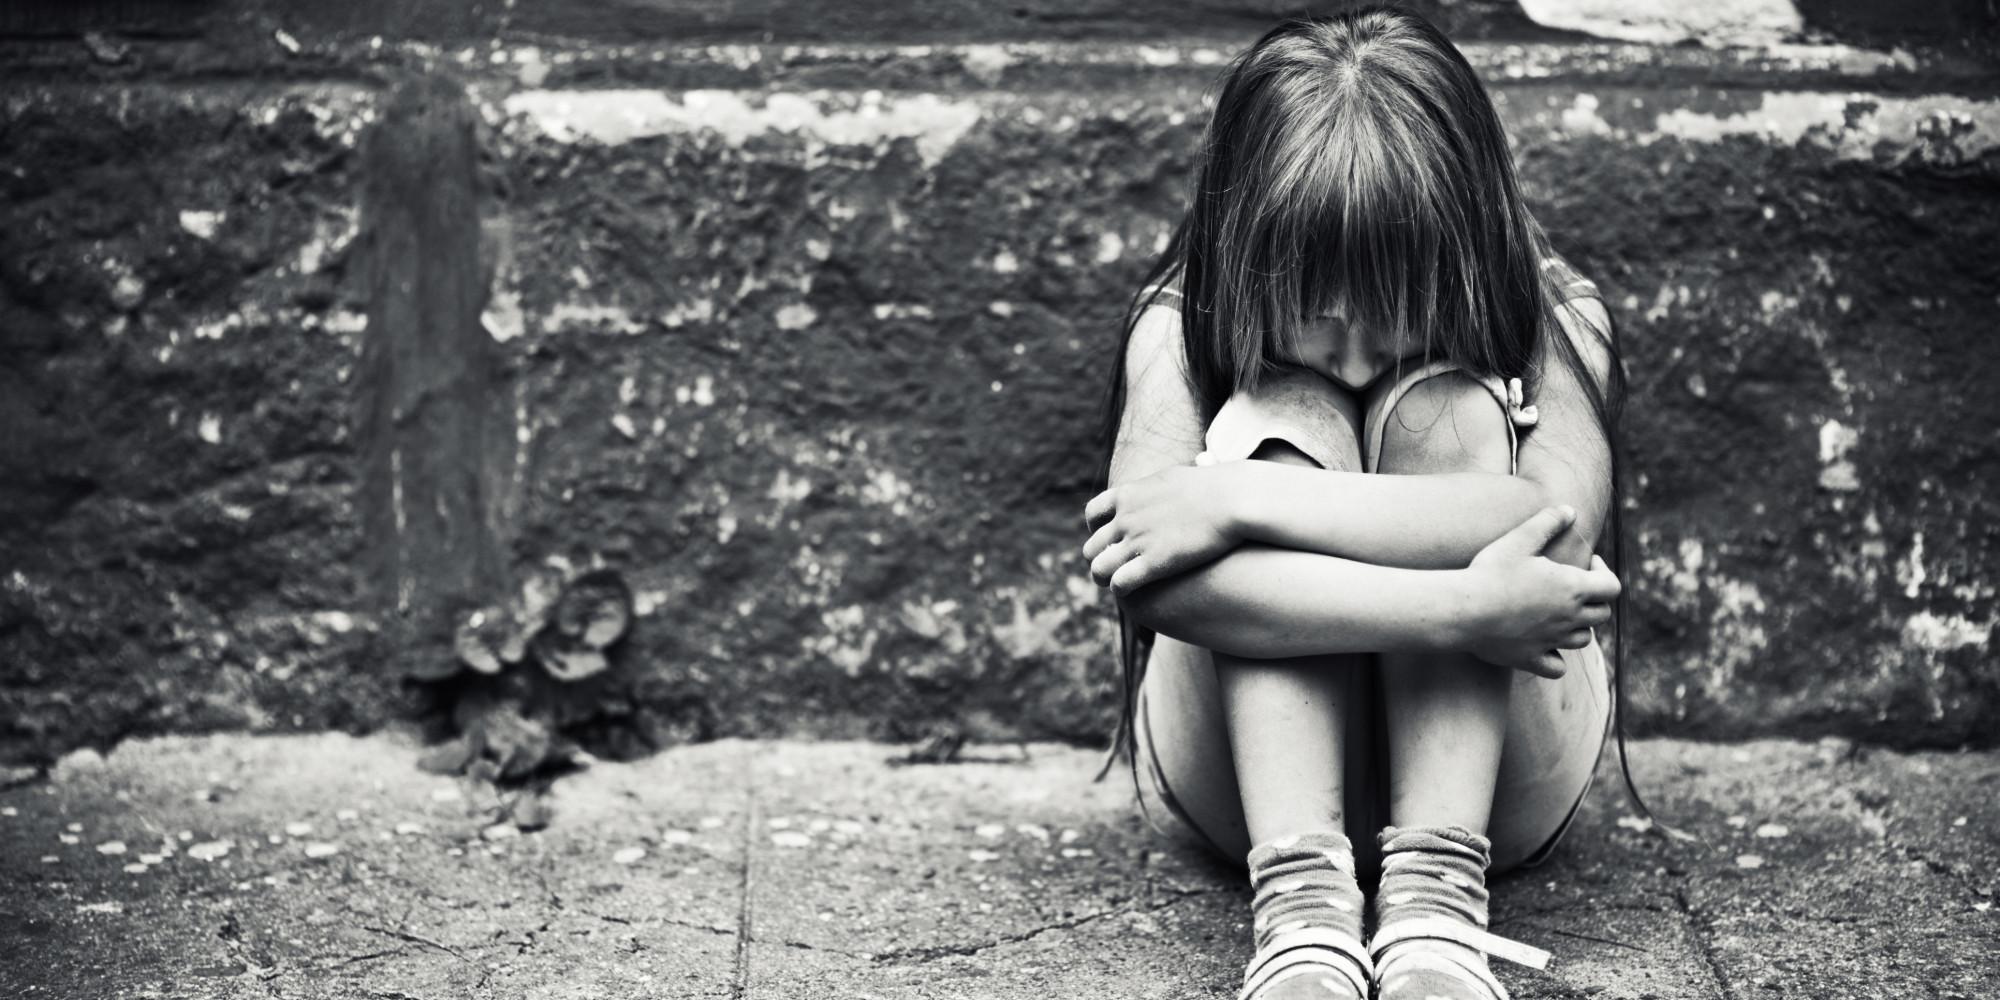 Artık Son Bulsun! 'Çocuk İstismarı' Denince Aklınıza Nelerin Gelmesi Gerekiyor?